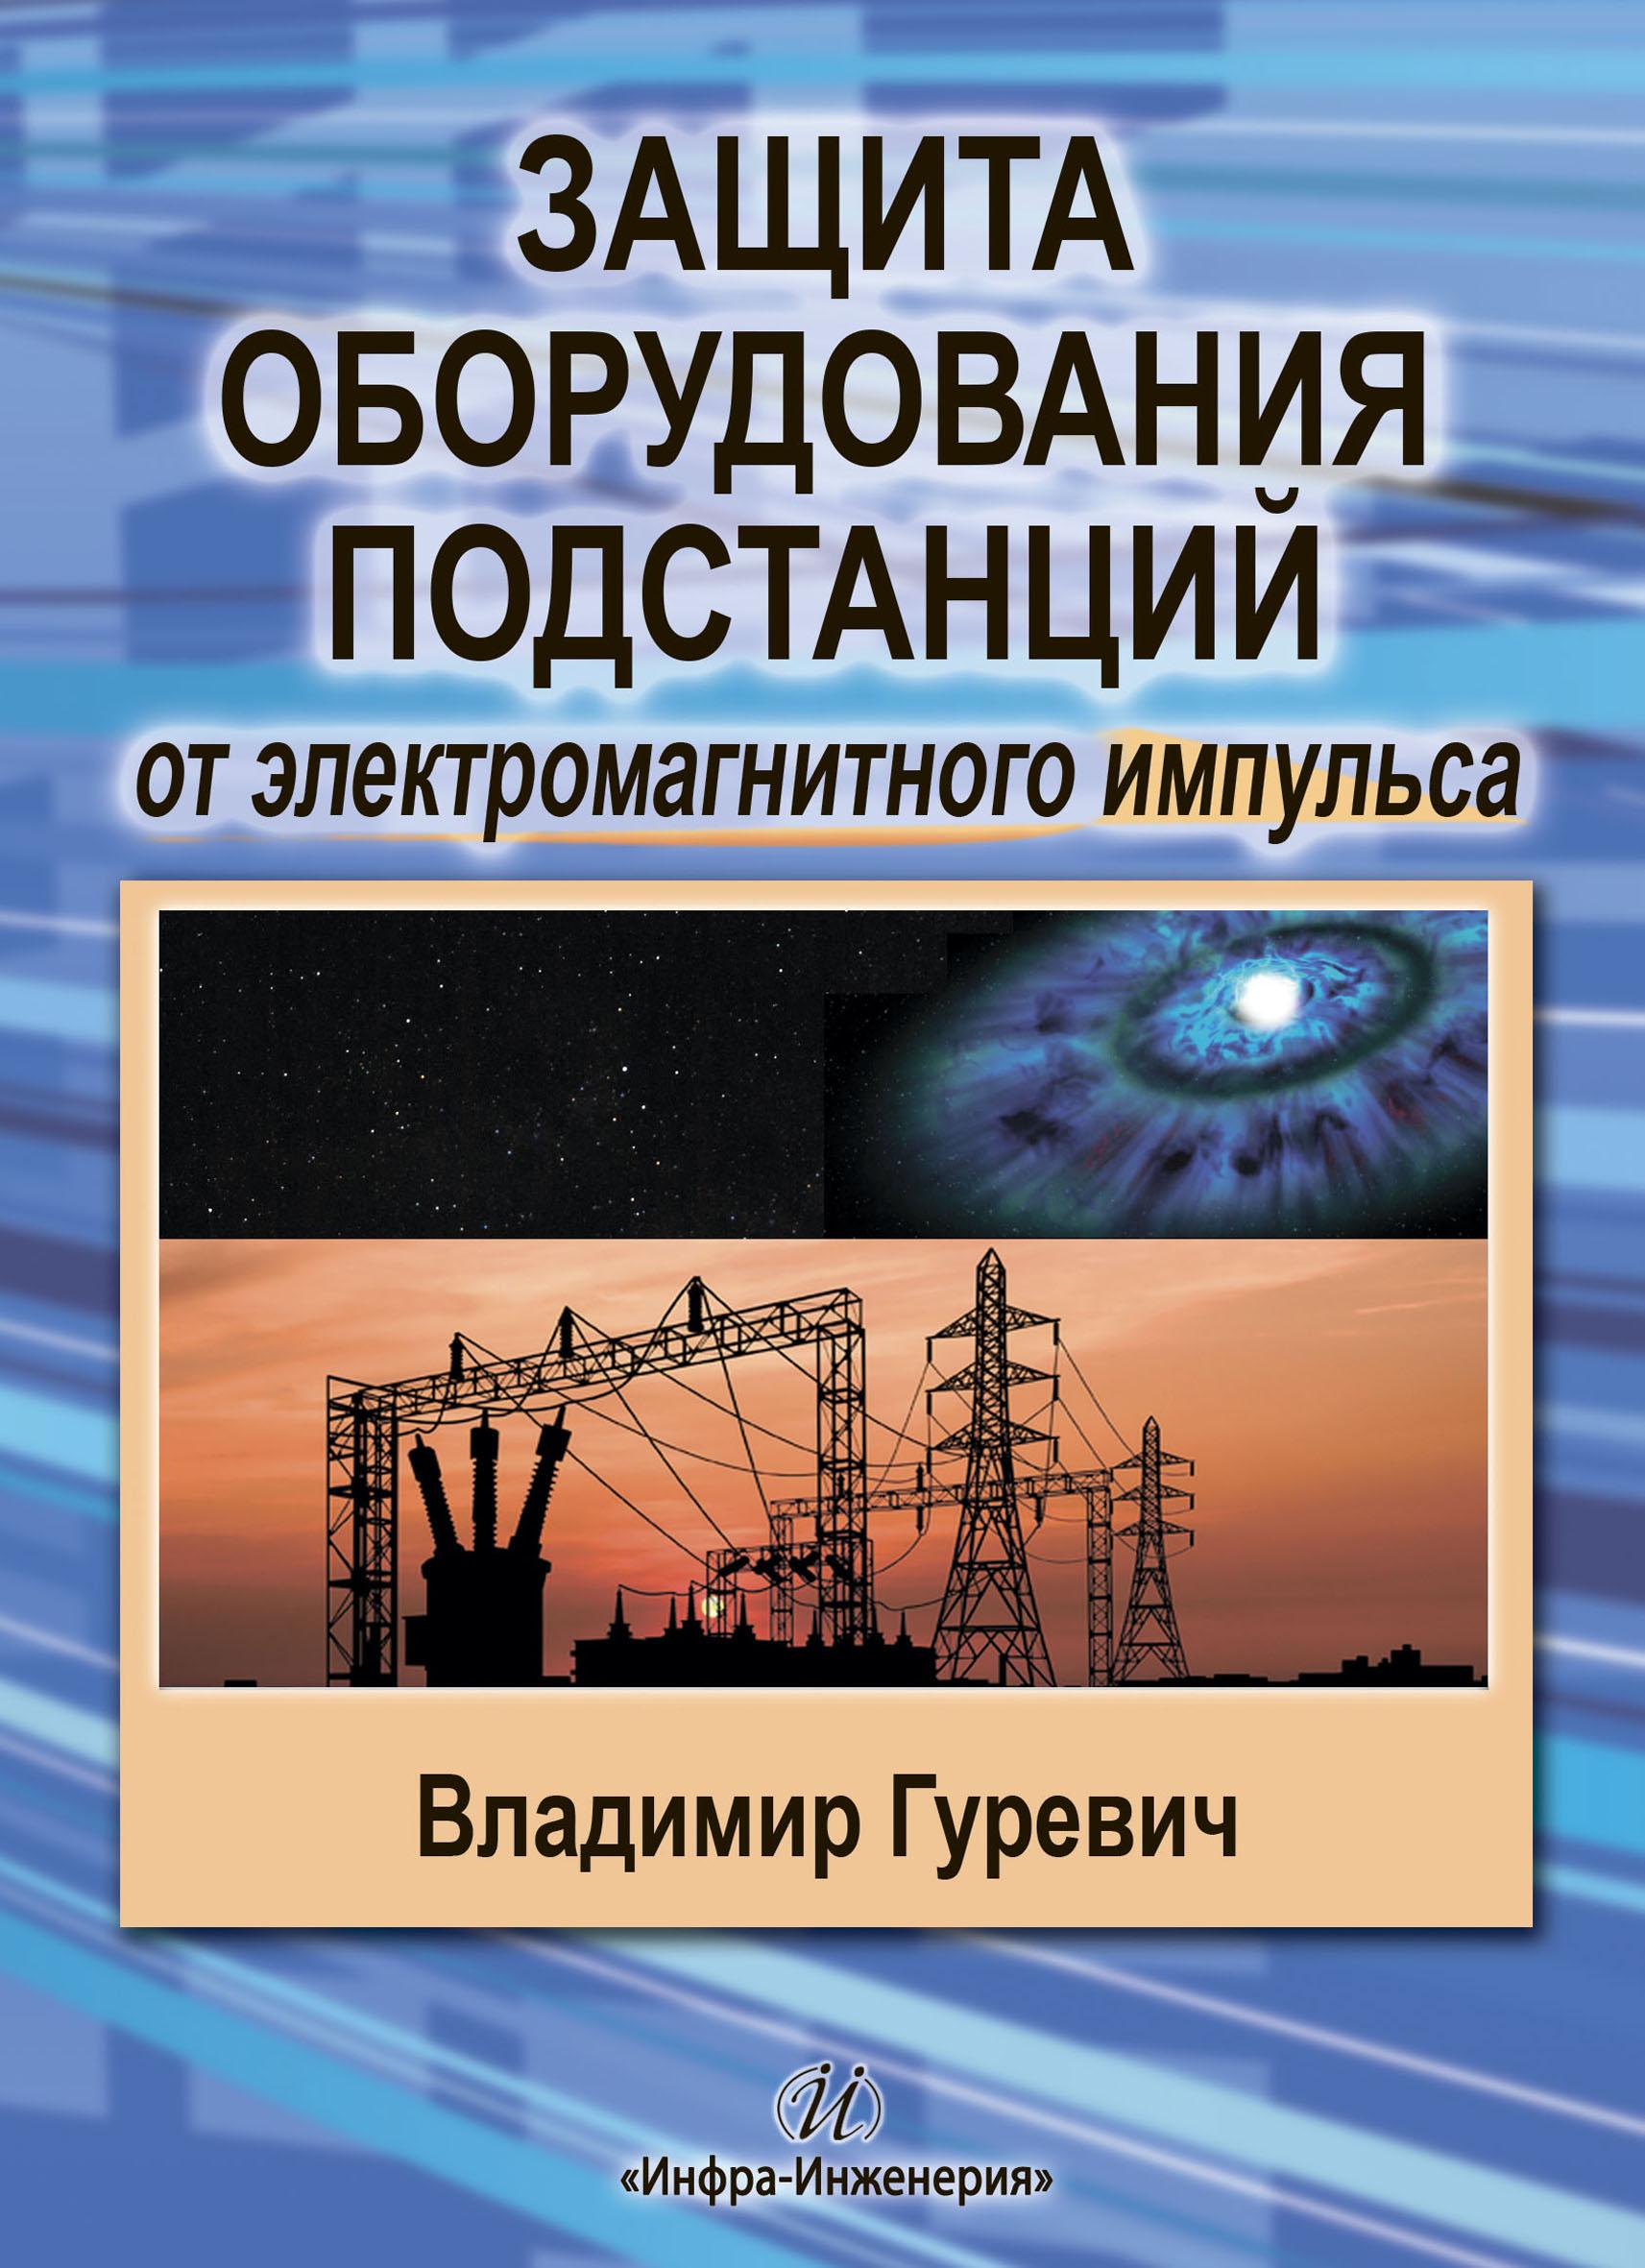 цена В. И. Гуревич Защита оборудования подстанций от электромагнитного импульса в интернет-магазинах